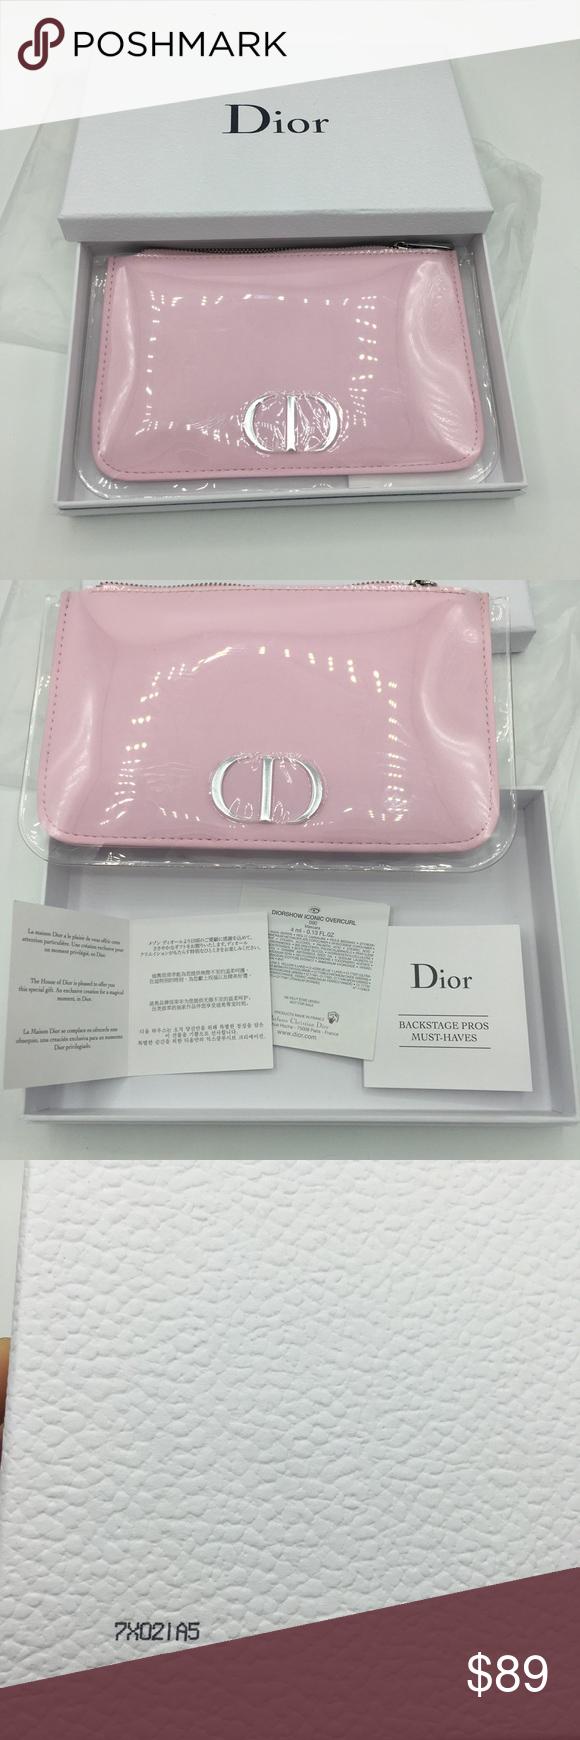 NWOT Pink Dior Makeup bag Pink makeup bag, Dior, Makeup bag